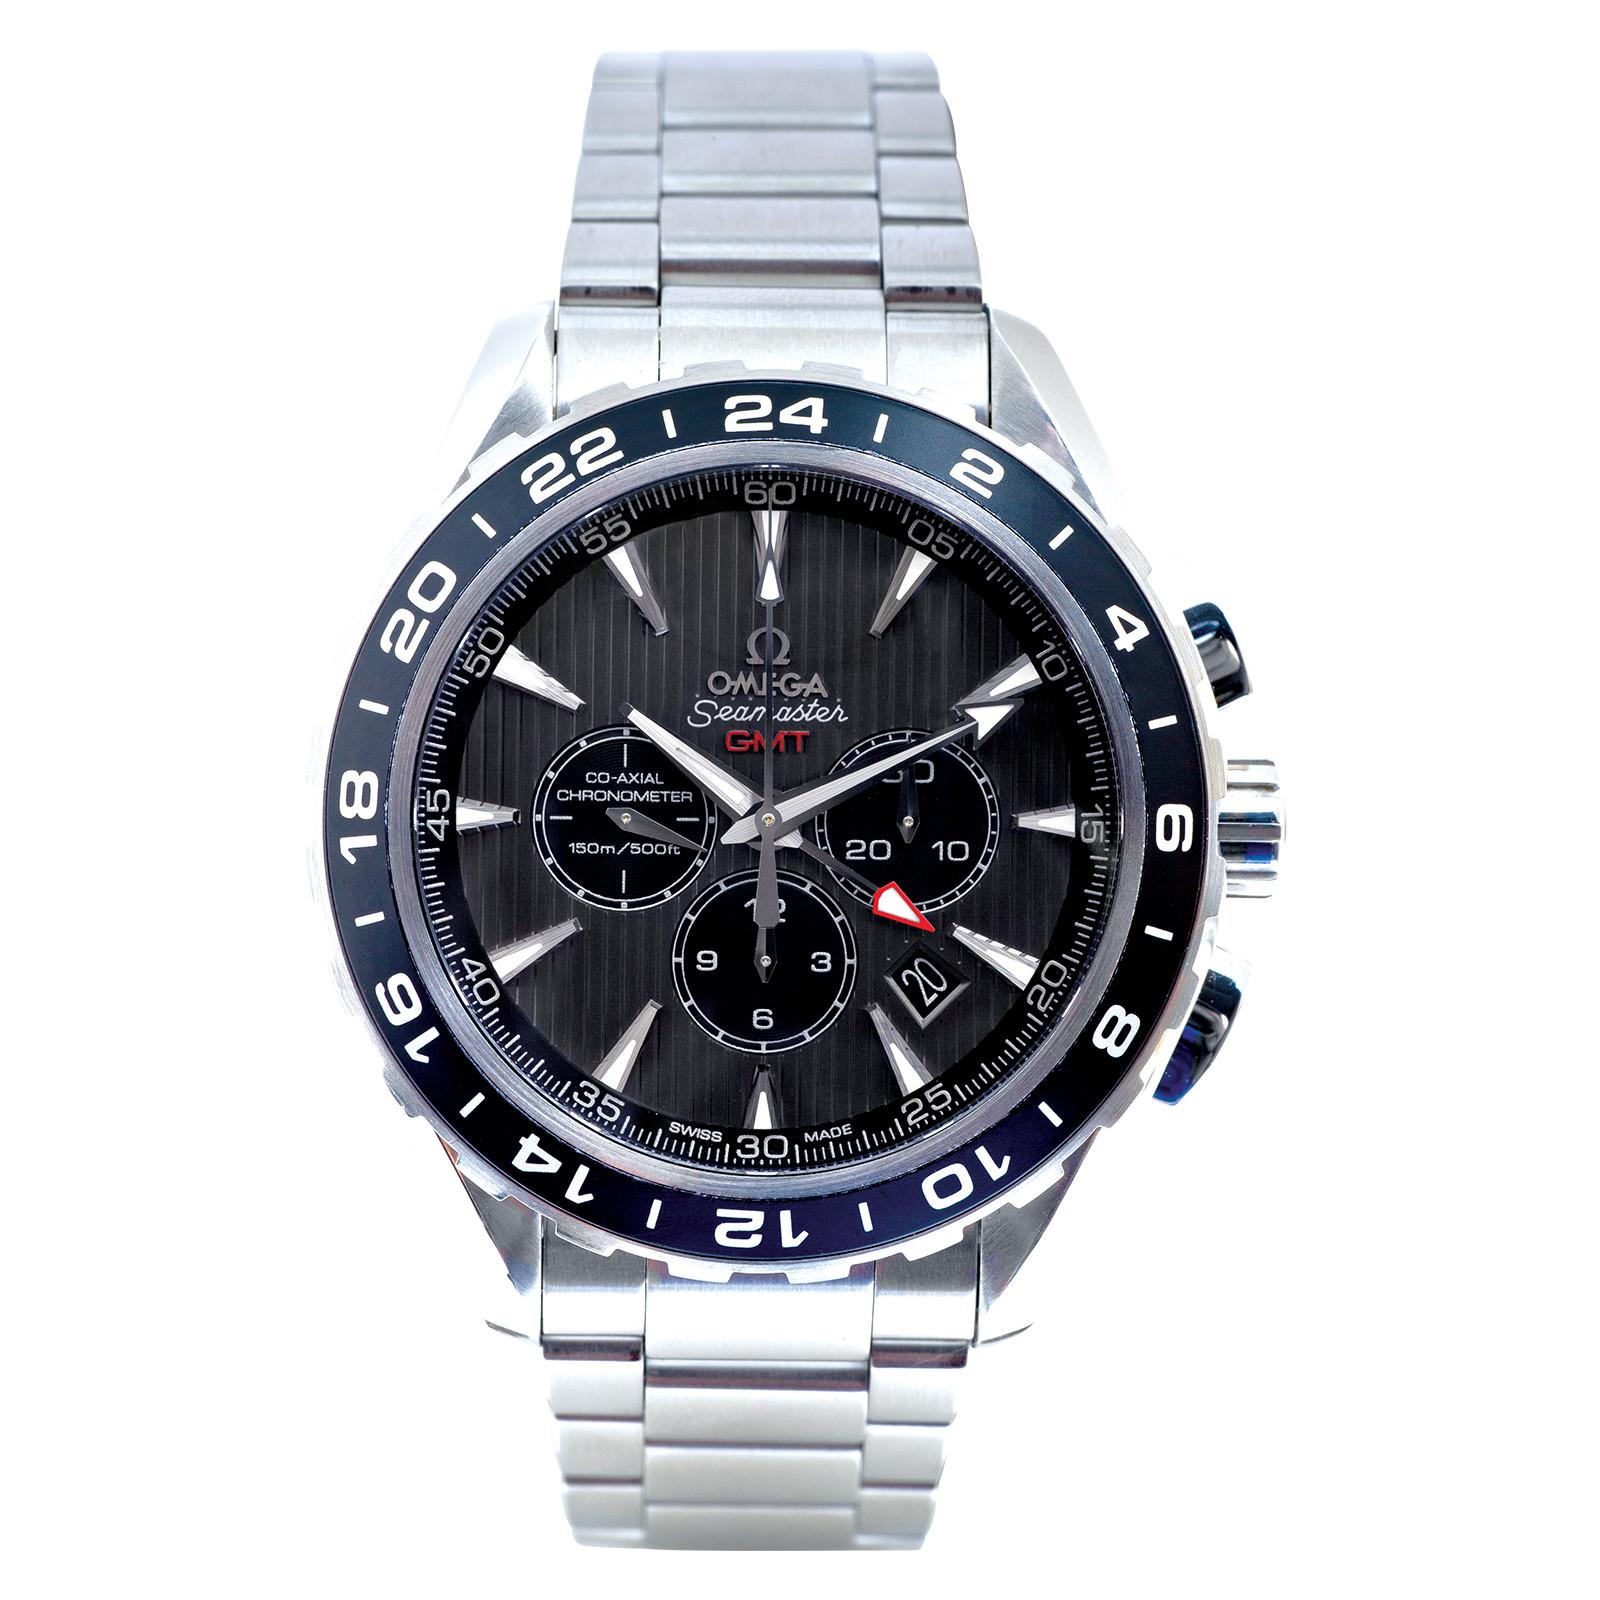 Pre-Owned Omega Seamaster Aqua Terra GMT Chronograph